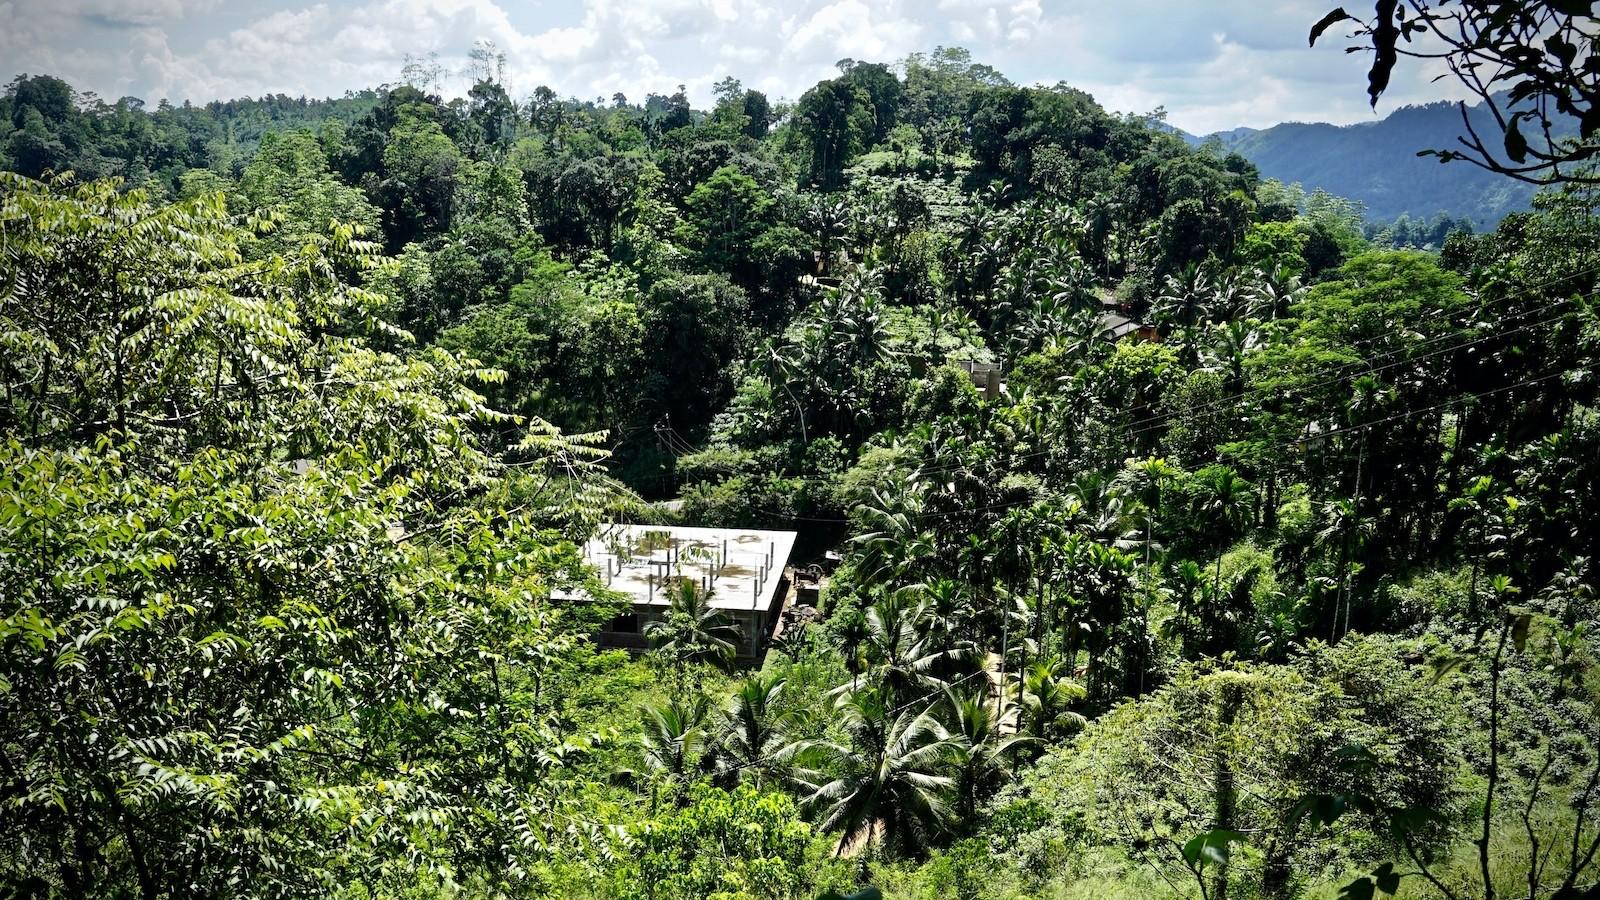 Investition mitten im Busch. Eine neue Zimtfabrik entsteht in Diyadola im Süden Sri Lankas.